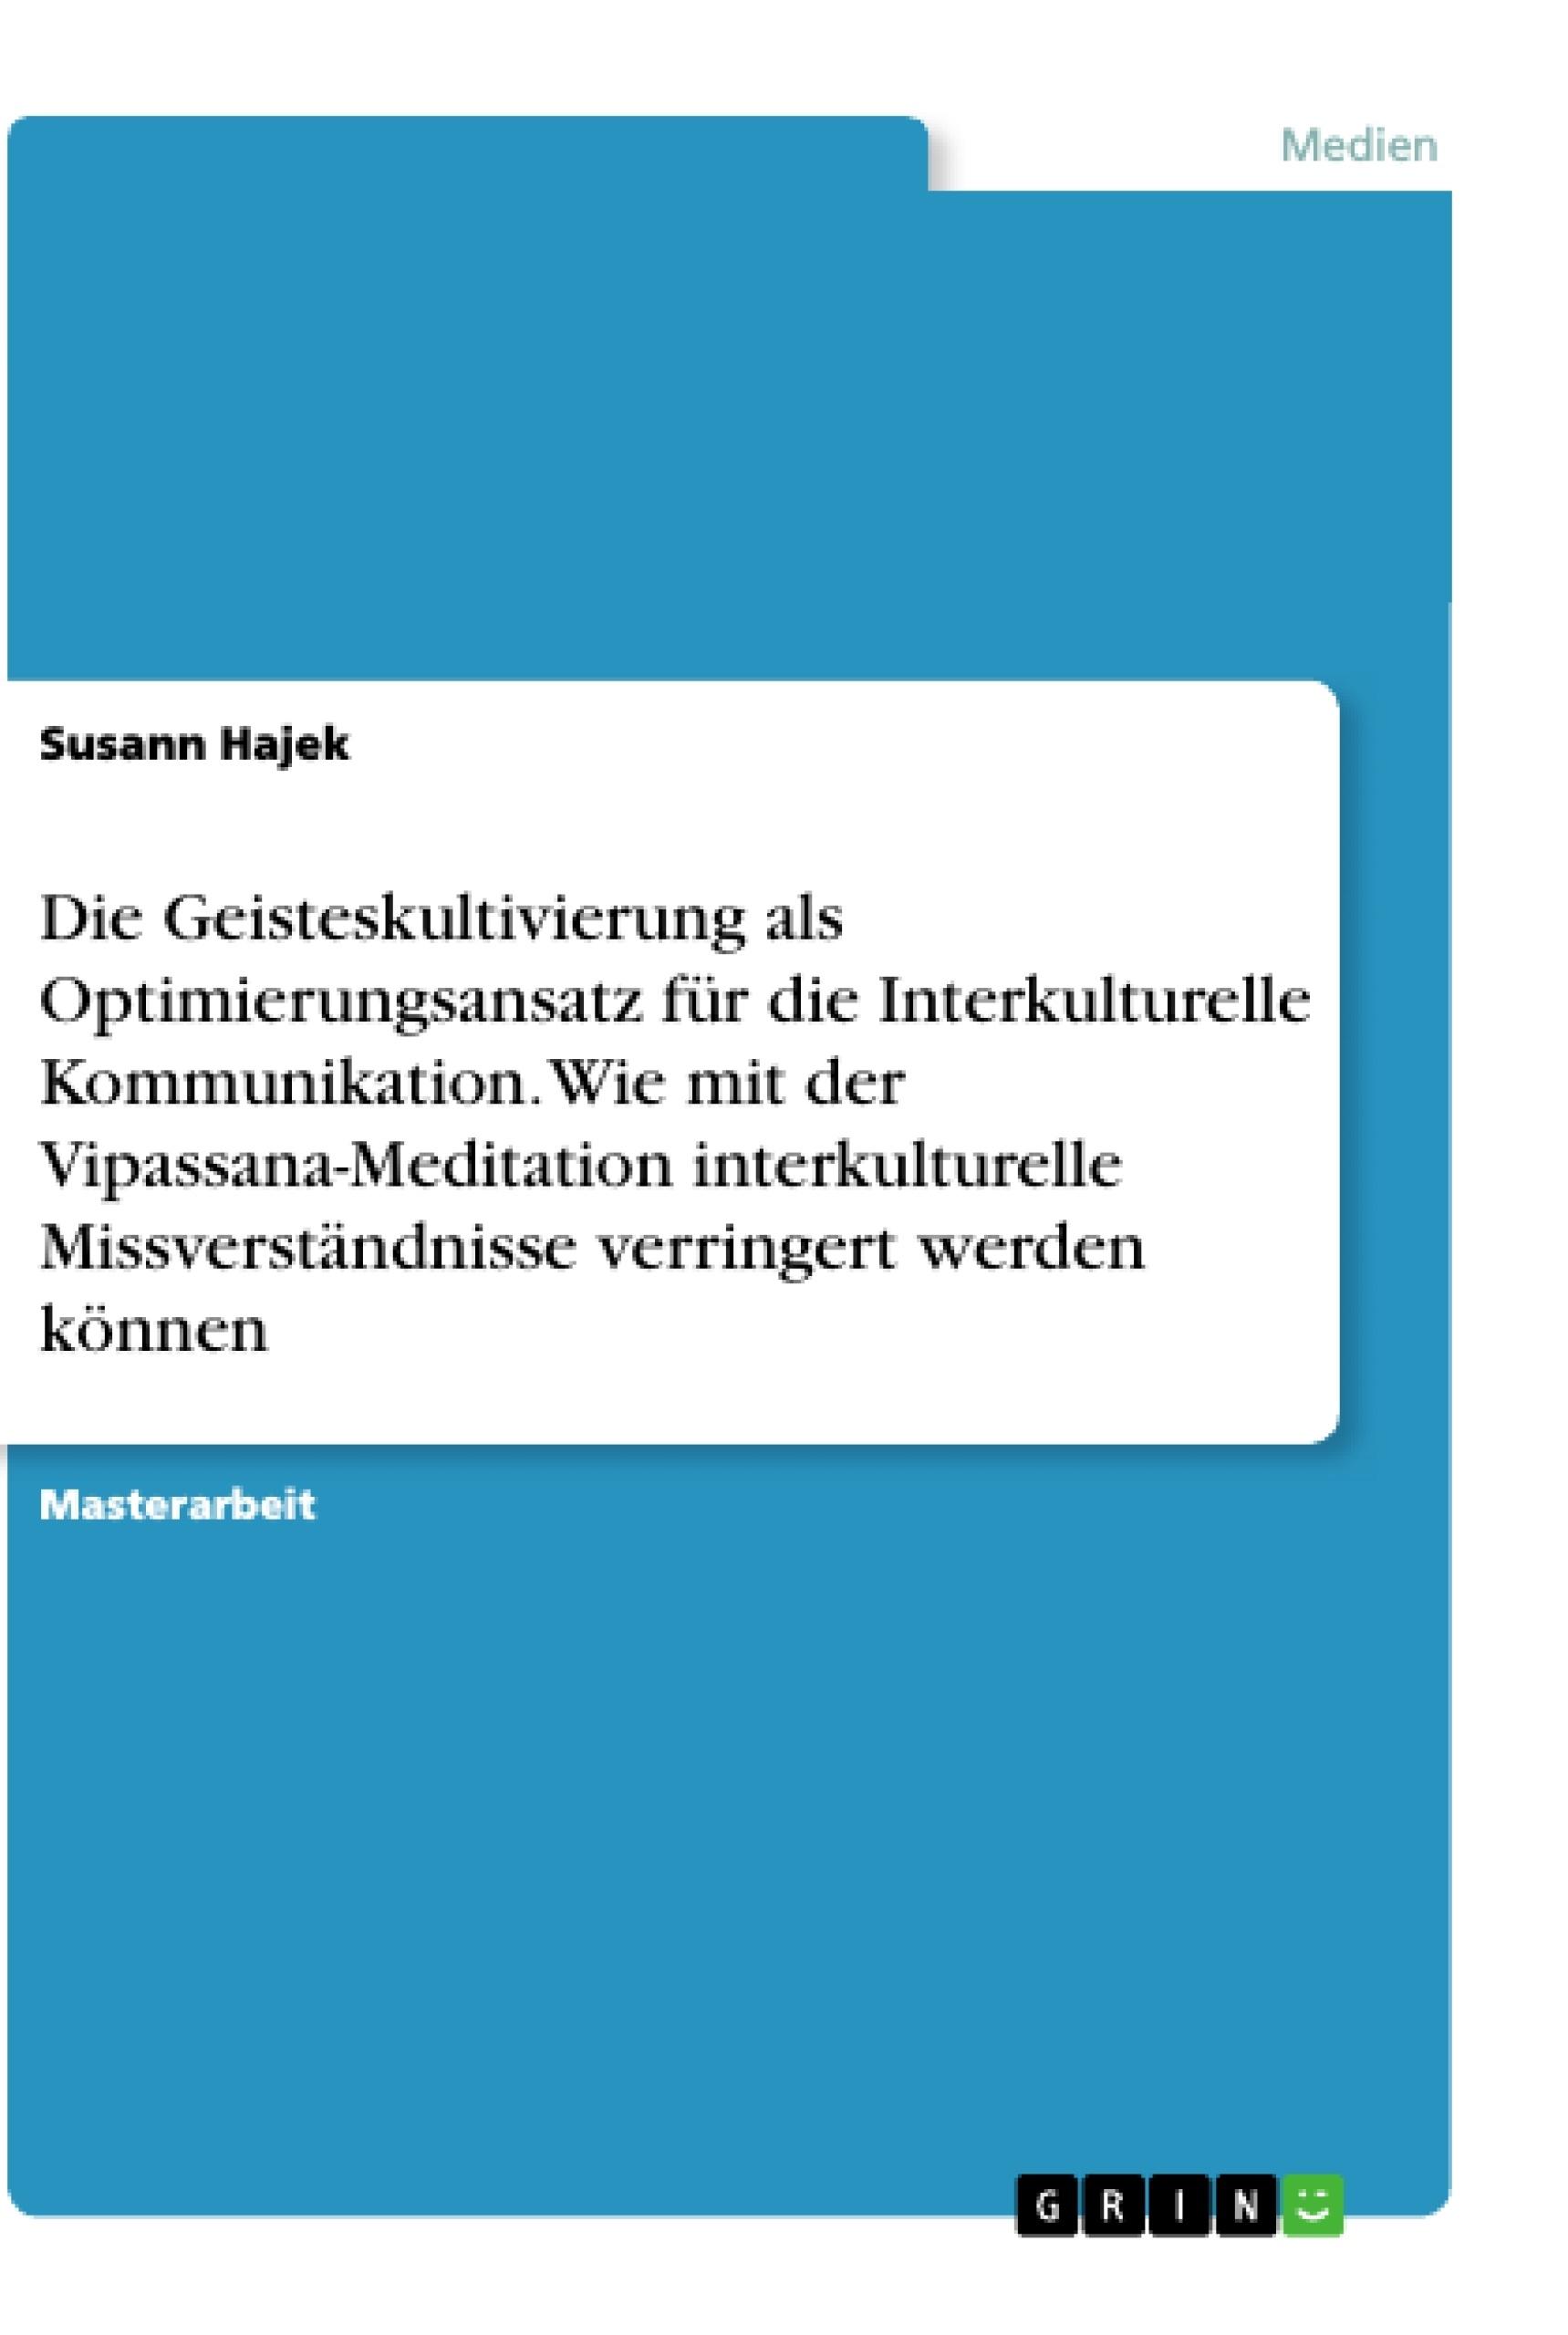 Titel: Die Geisteskultivierung als Optimierungsansatz für die Interkulturelle Kommunikation. Wie mit der Vipassana-Meditation interkulturelle Missverständnisse verringert werden können